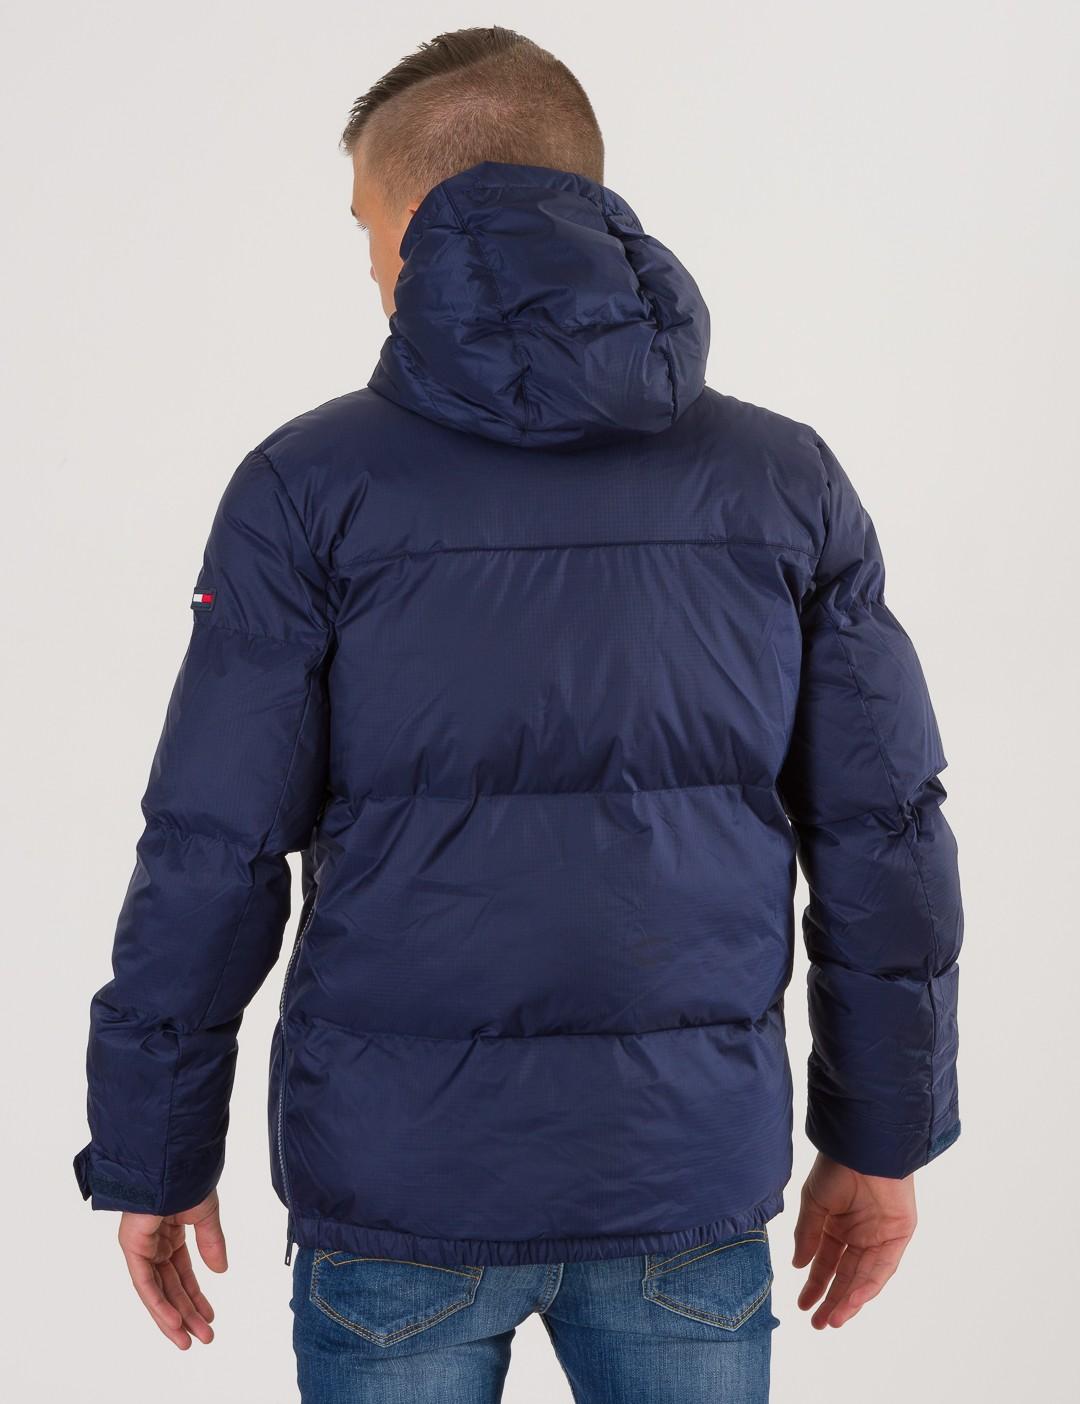 51c672404cfe Om Padded Pop Over Jacket - Blå från Tommy Hilfiger | KidsBrandStore